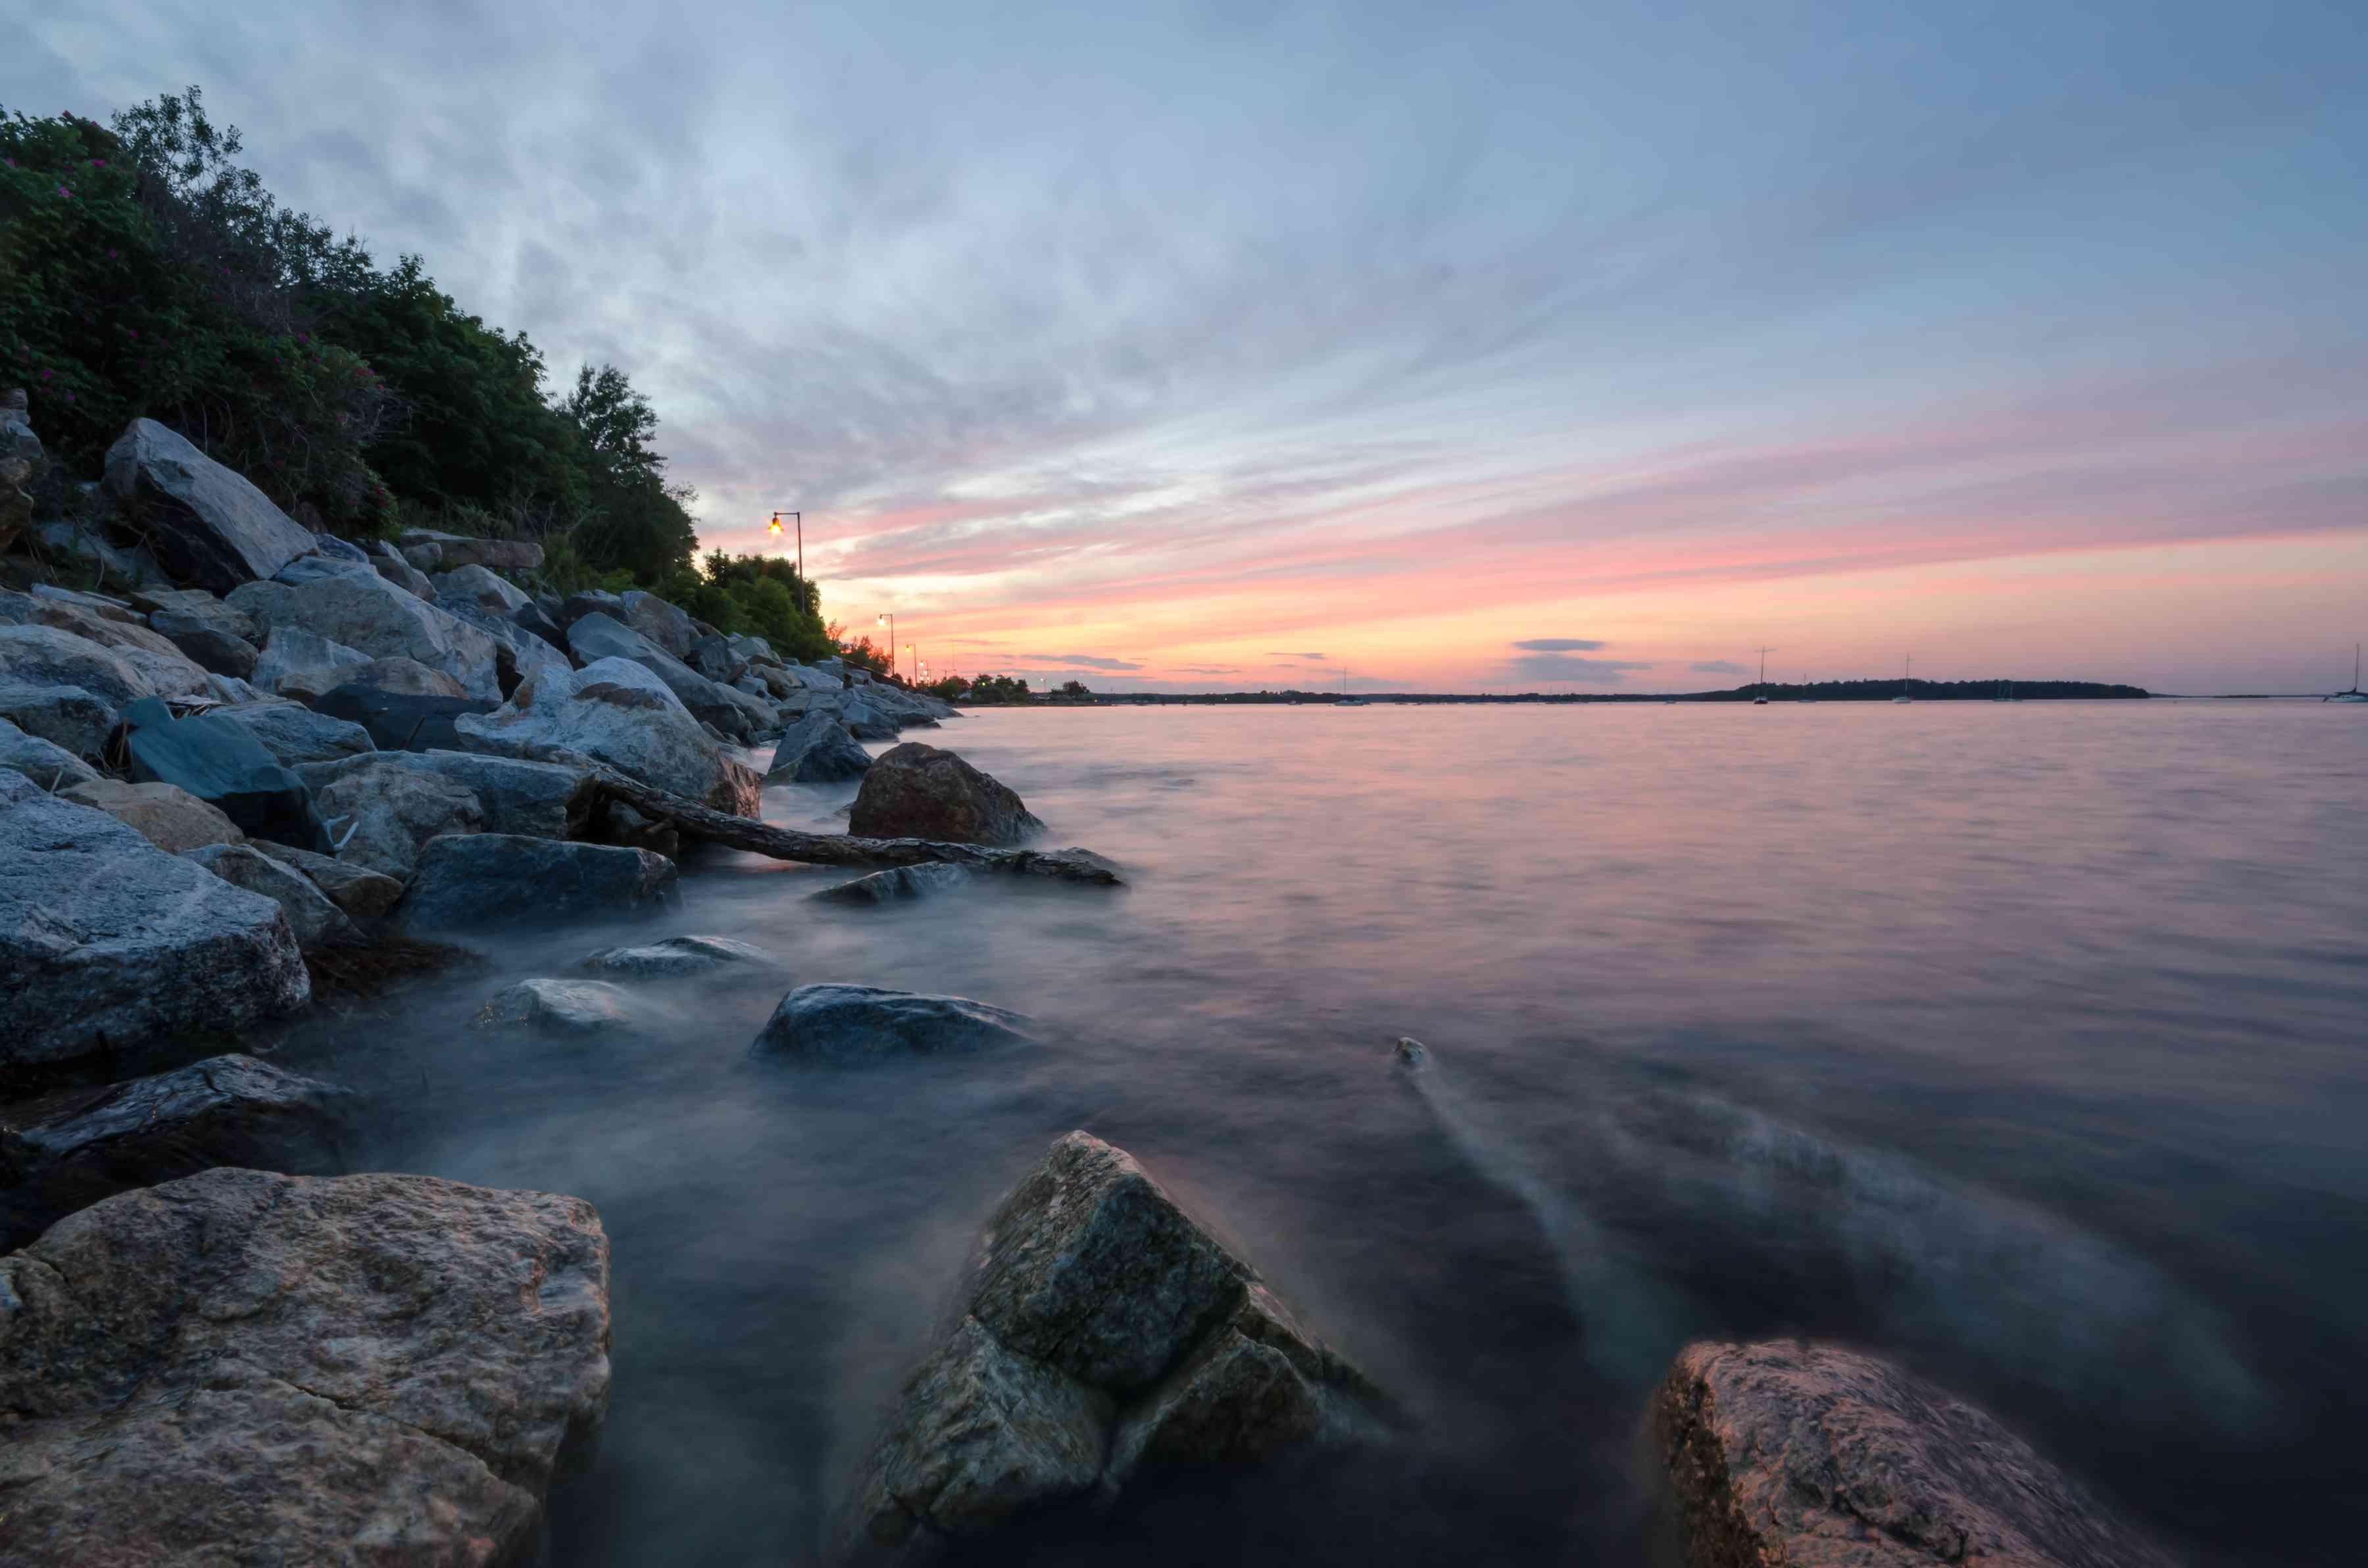 Rocky coast of Eastern Promenade in Portland, Maine